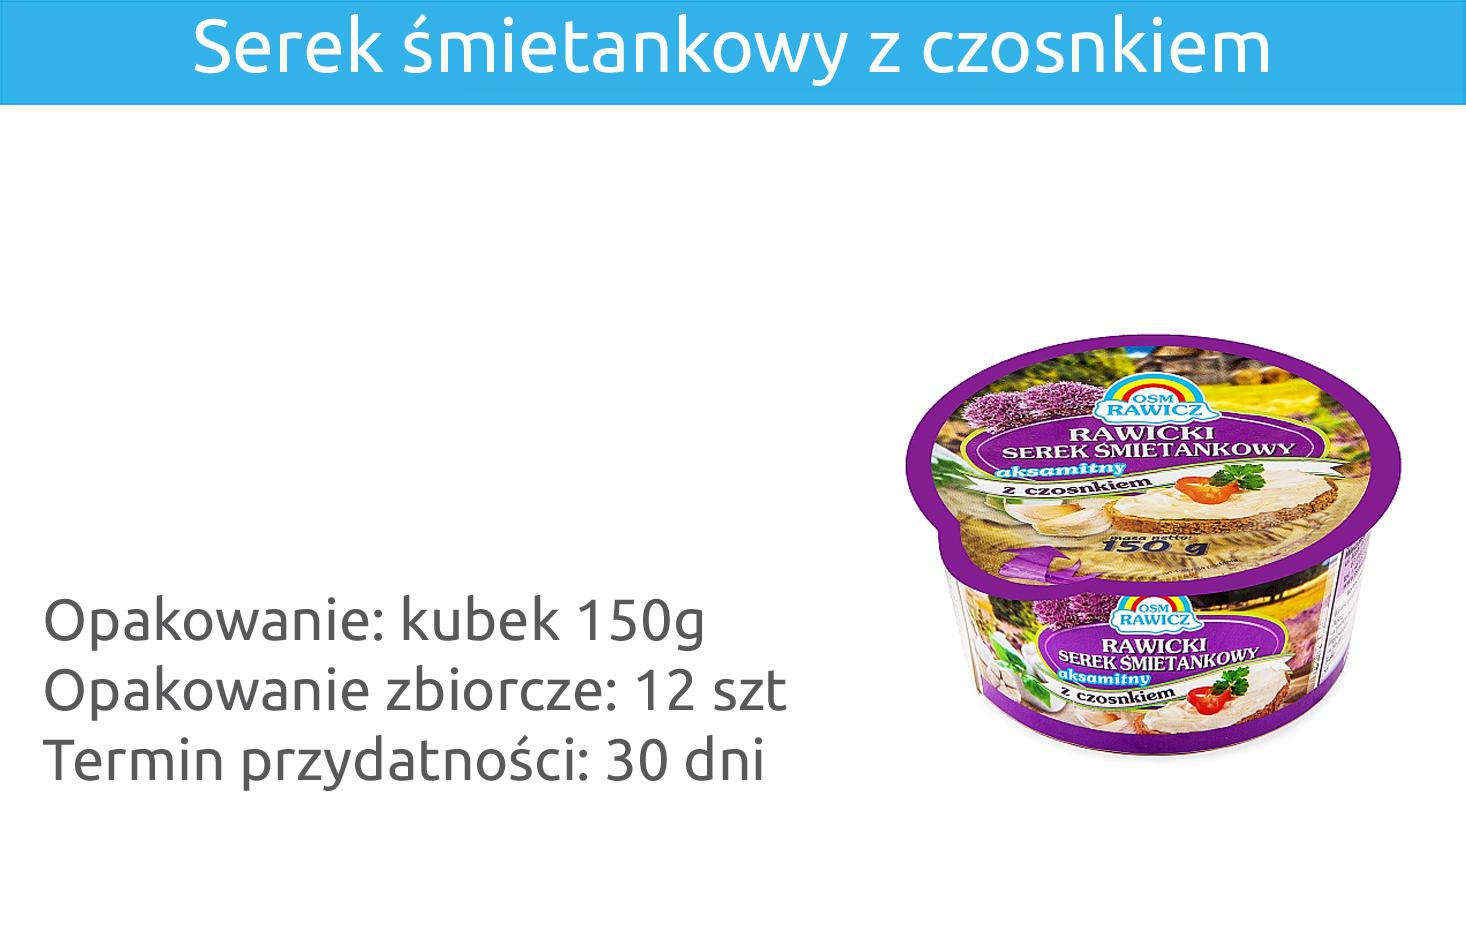 ser-smietankowy-z-czosnkiem